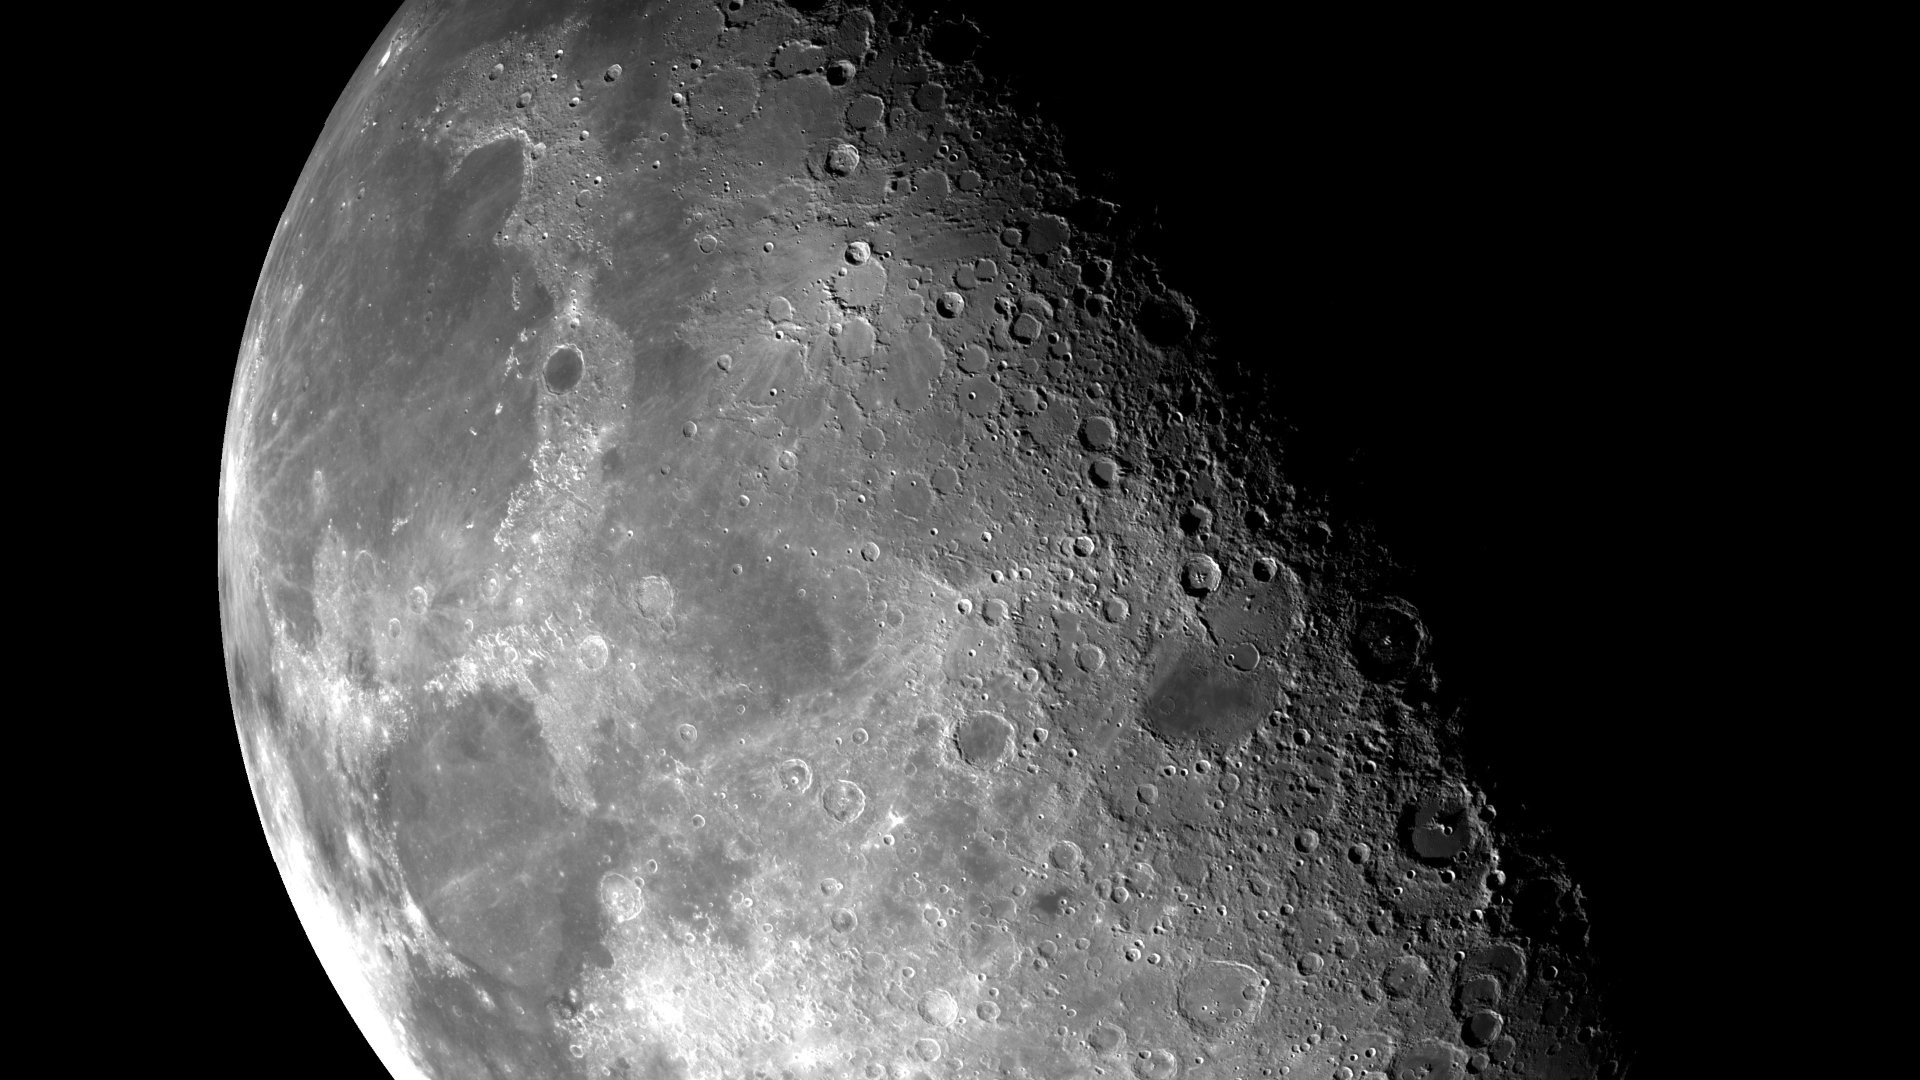 HD Wallpaper: Our Moon through NASA's eyes